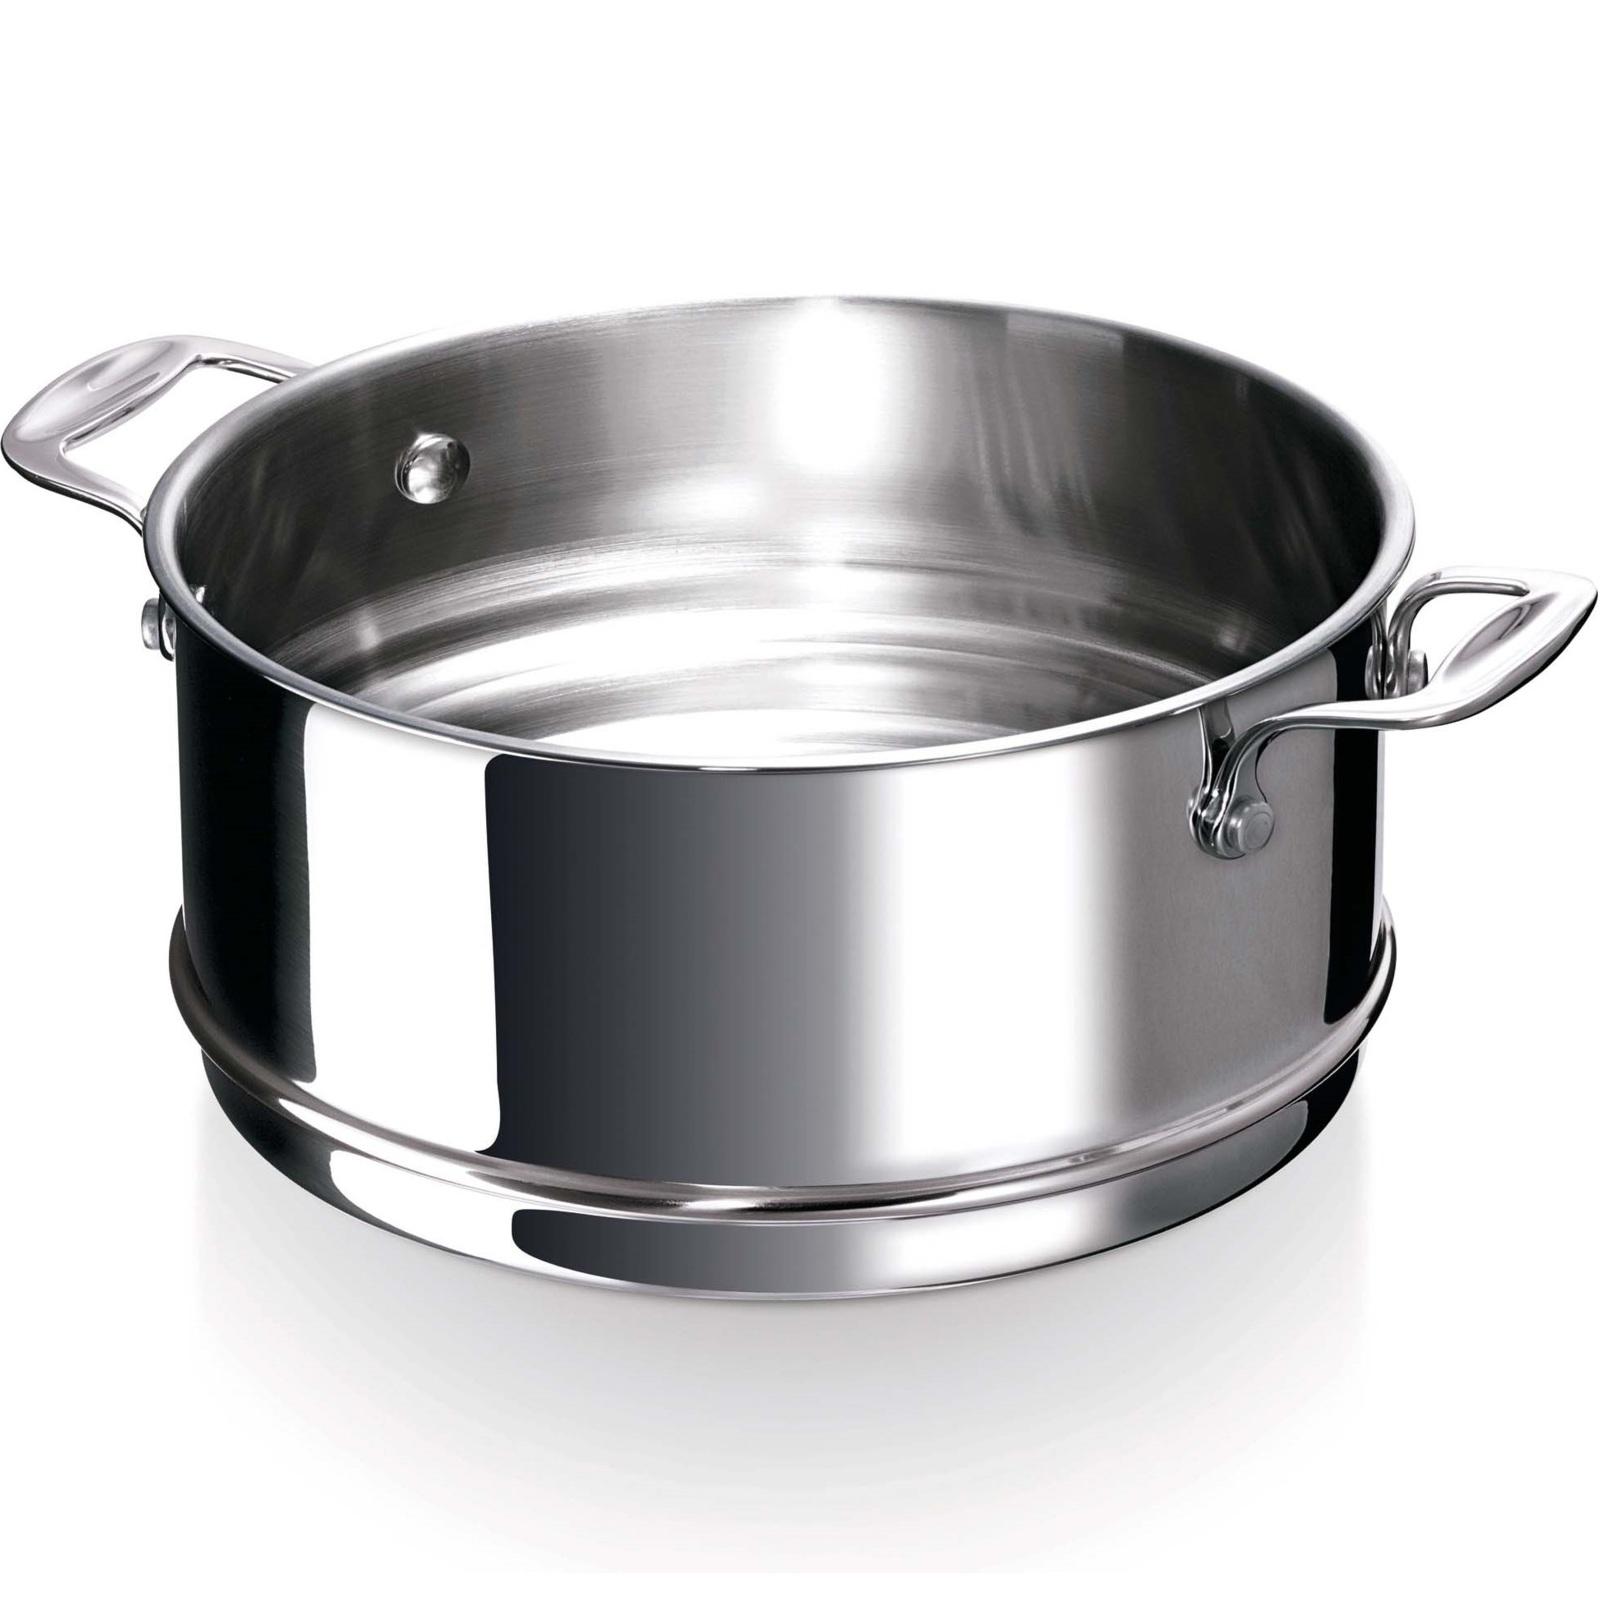 Вставка-пароварка для кастрюли Beka Chef 24 см